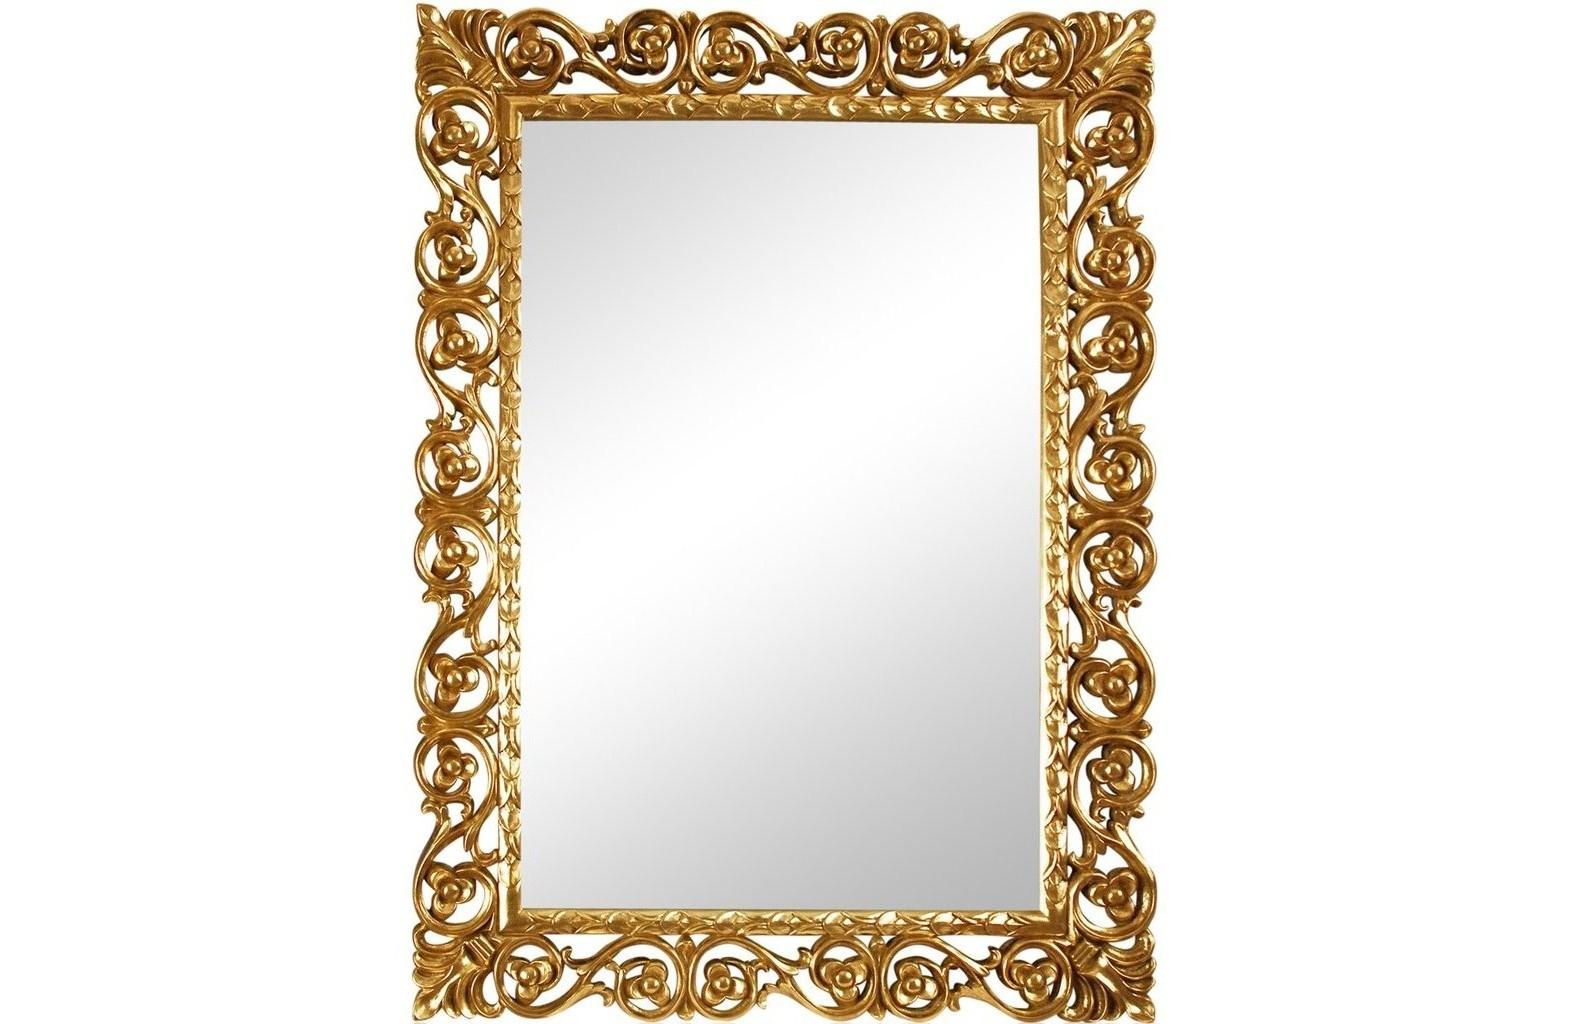 Зеркало БергамоНастенные зеркала<br>Крепления входят в стоимость.<br><br>Material: Пластик<br>Ширина см: 84.0<br>Высота см: 115.0<br>Глубина см: 4